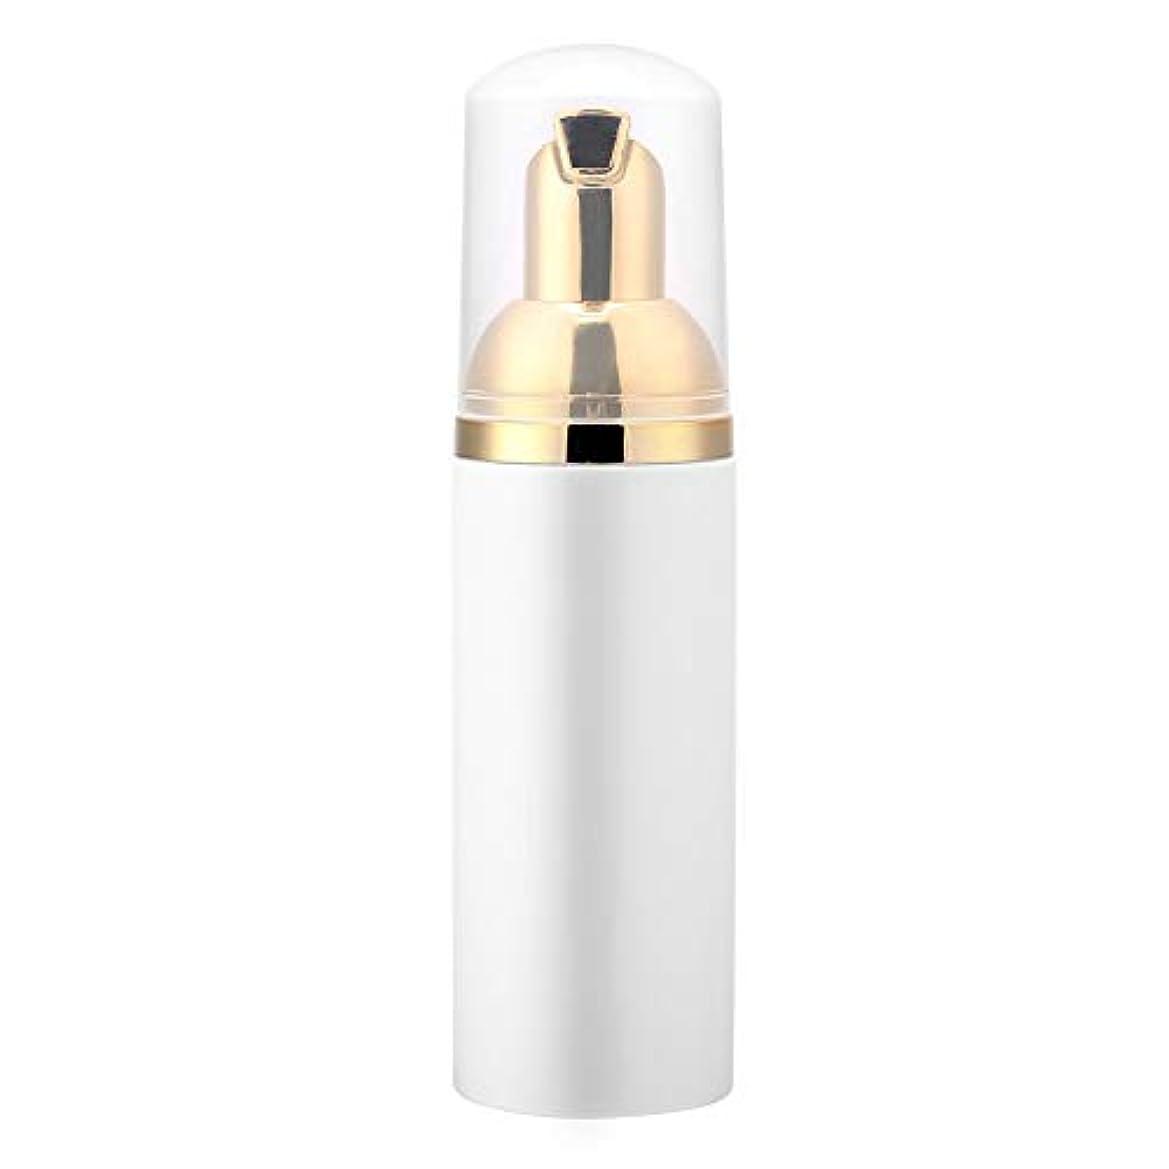 浸食パネルラリーベルモントフォームクレンザーのまつげ、シャンプーのまつげエクステンション、まつげシャンプーの洗剤プロのまつげエクステンションは、日常使用のための保護を拡張するためのまつげツールを洗います(不透明な瓶)